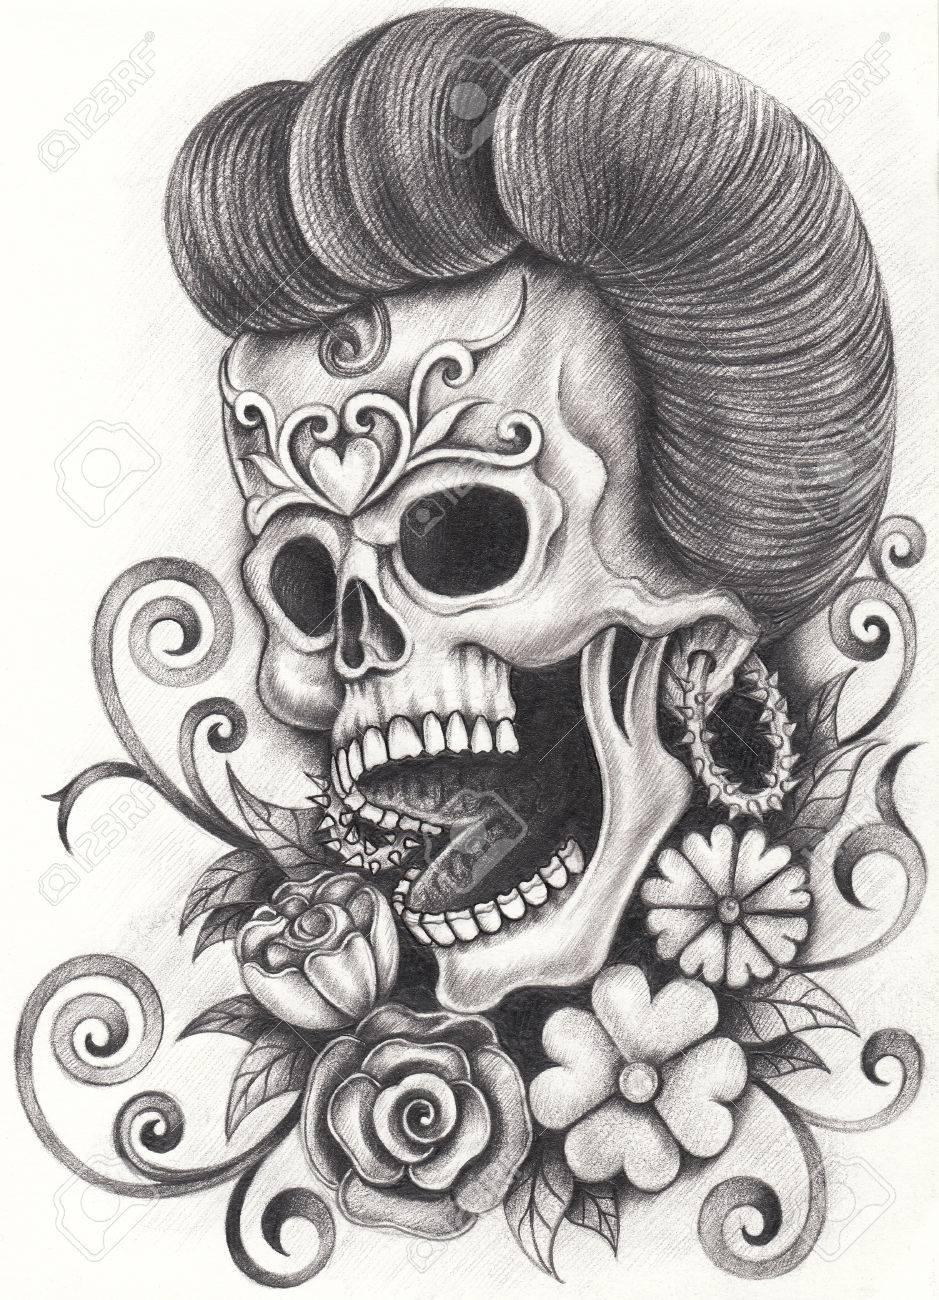 Día Del Cráneo Del Arte De Los Muertos Dibujo A Lápiz De La Mano En